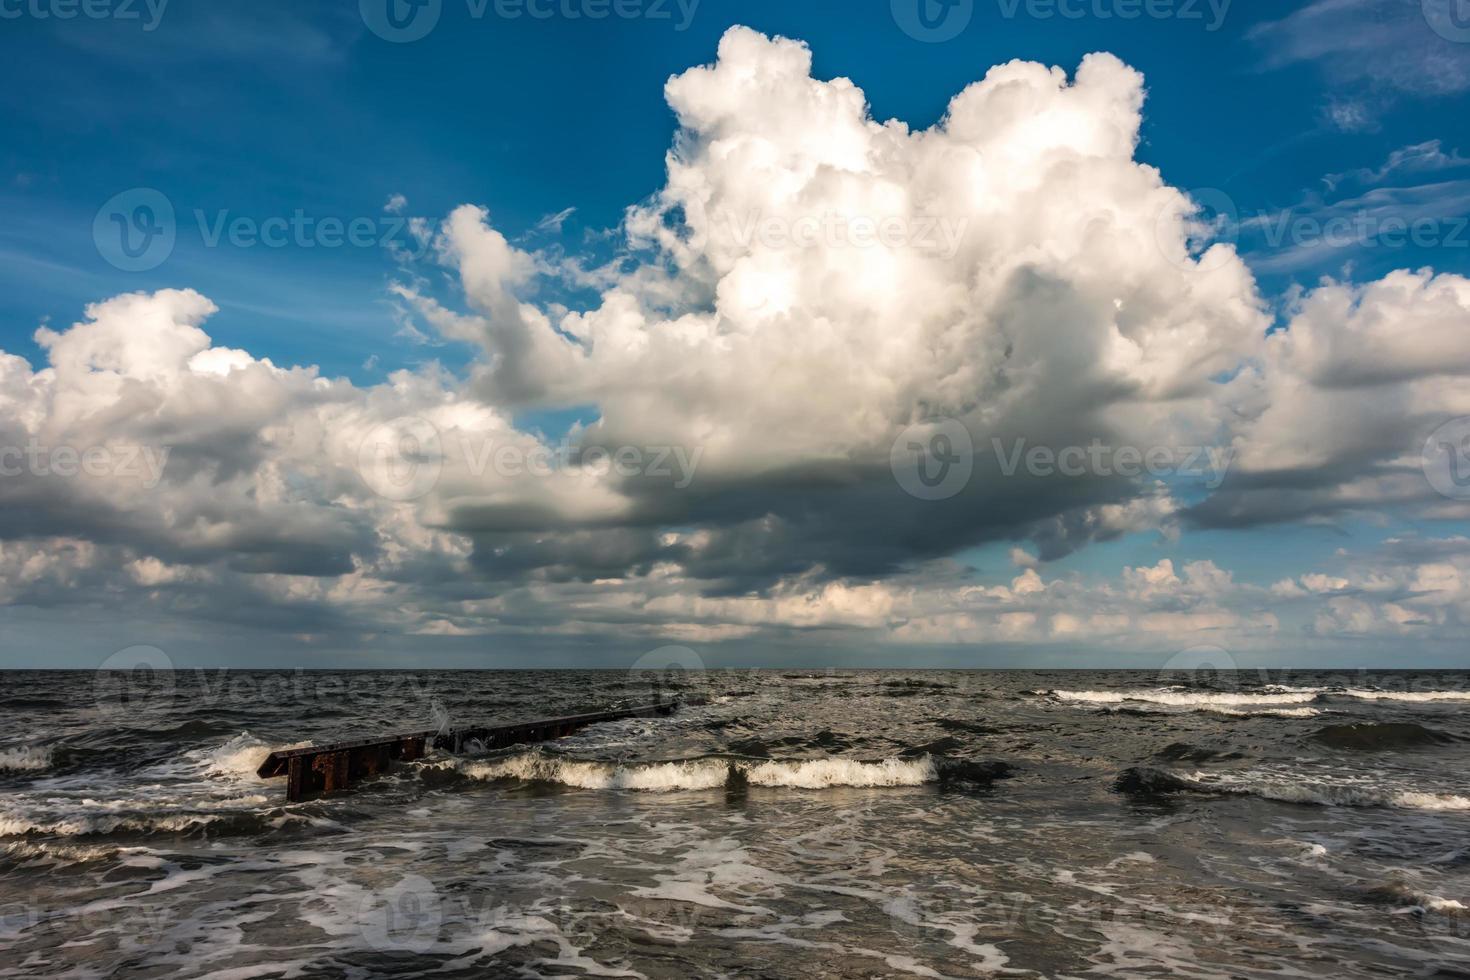 belle île de chasse plage de caroline du sud photo